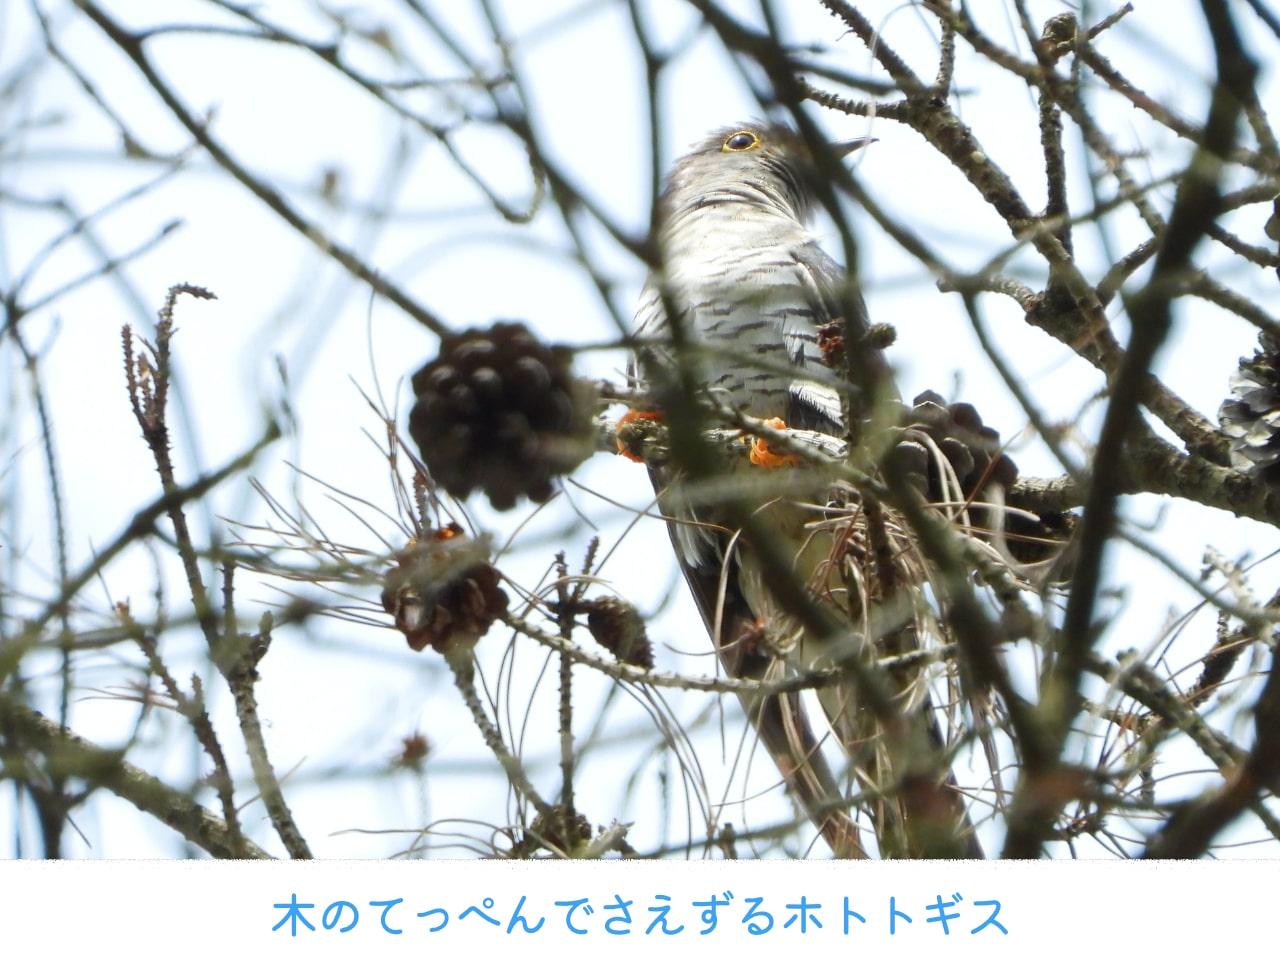 枝からのぞくホトトギス